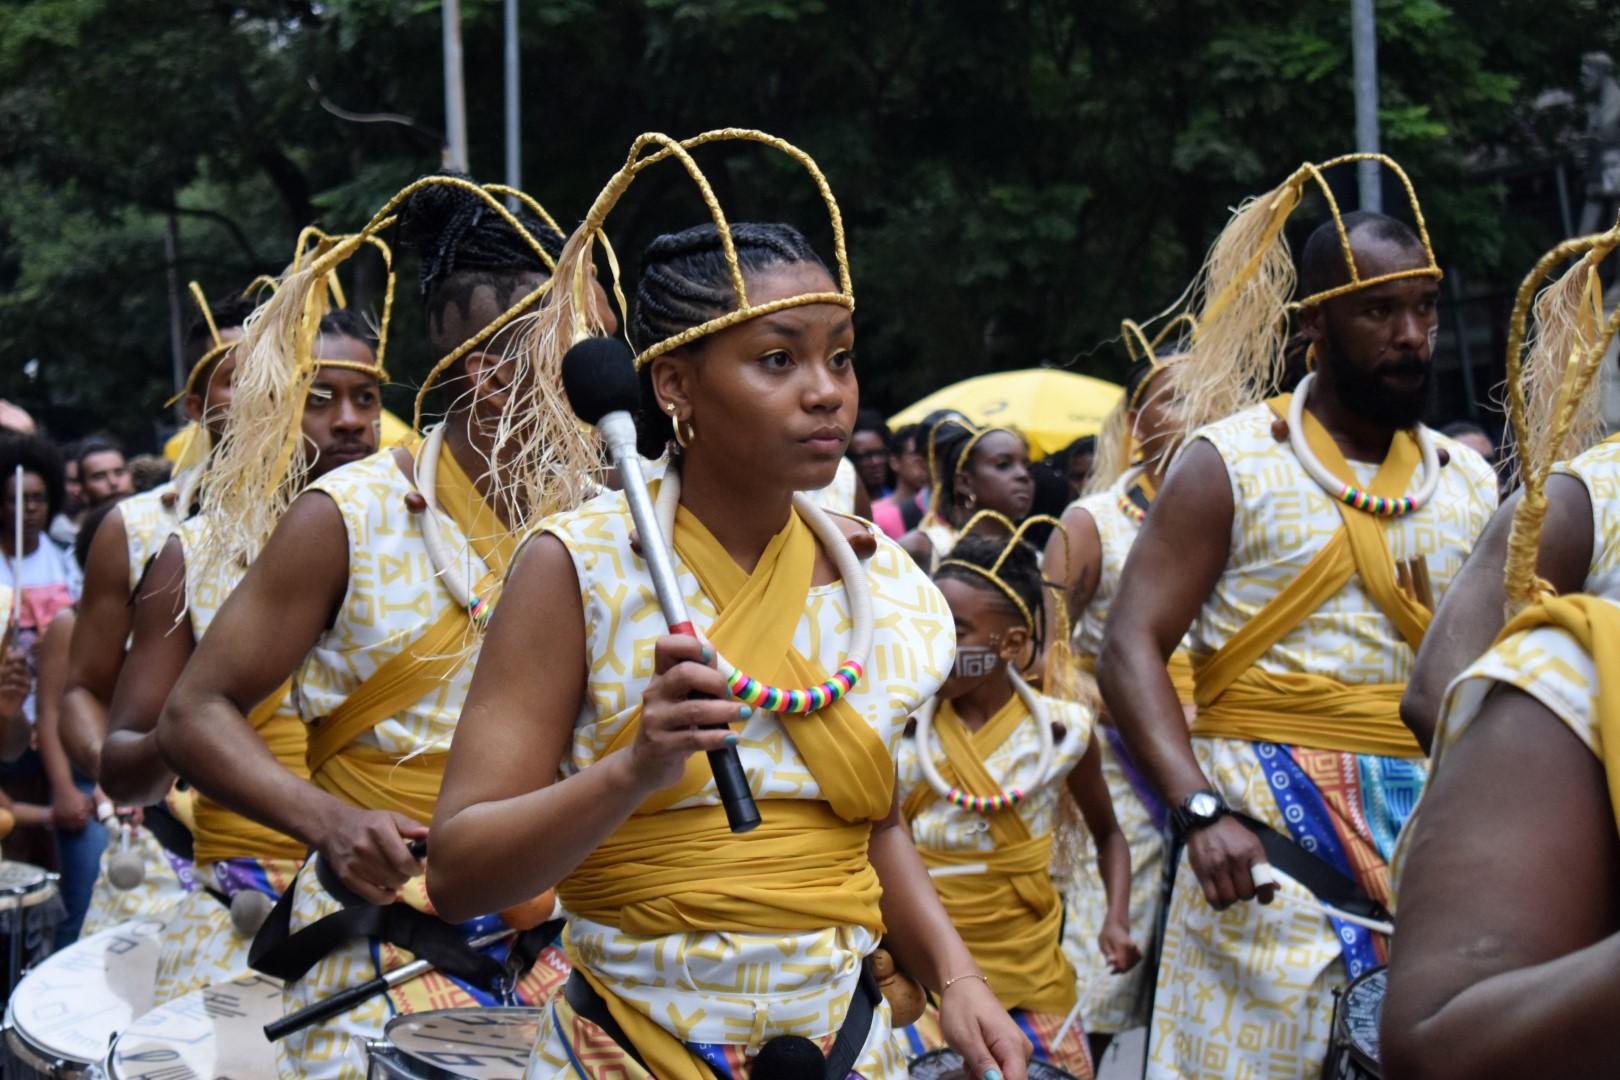 Bloco Preto Zumbiido Afropercussivo, Centro, São Paulo